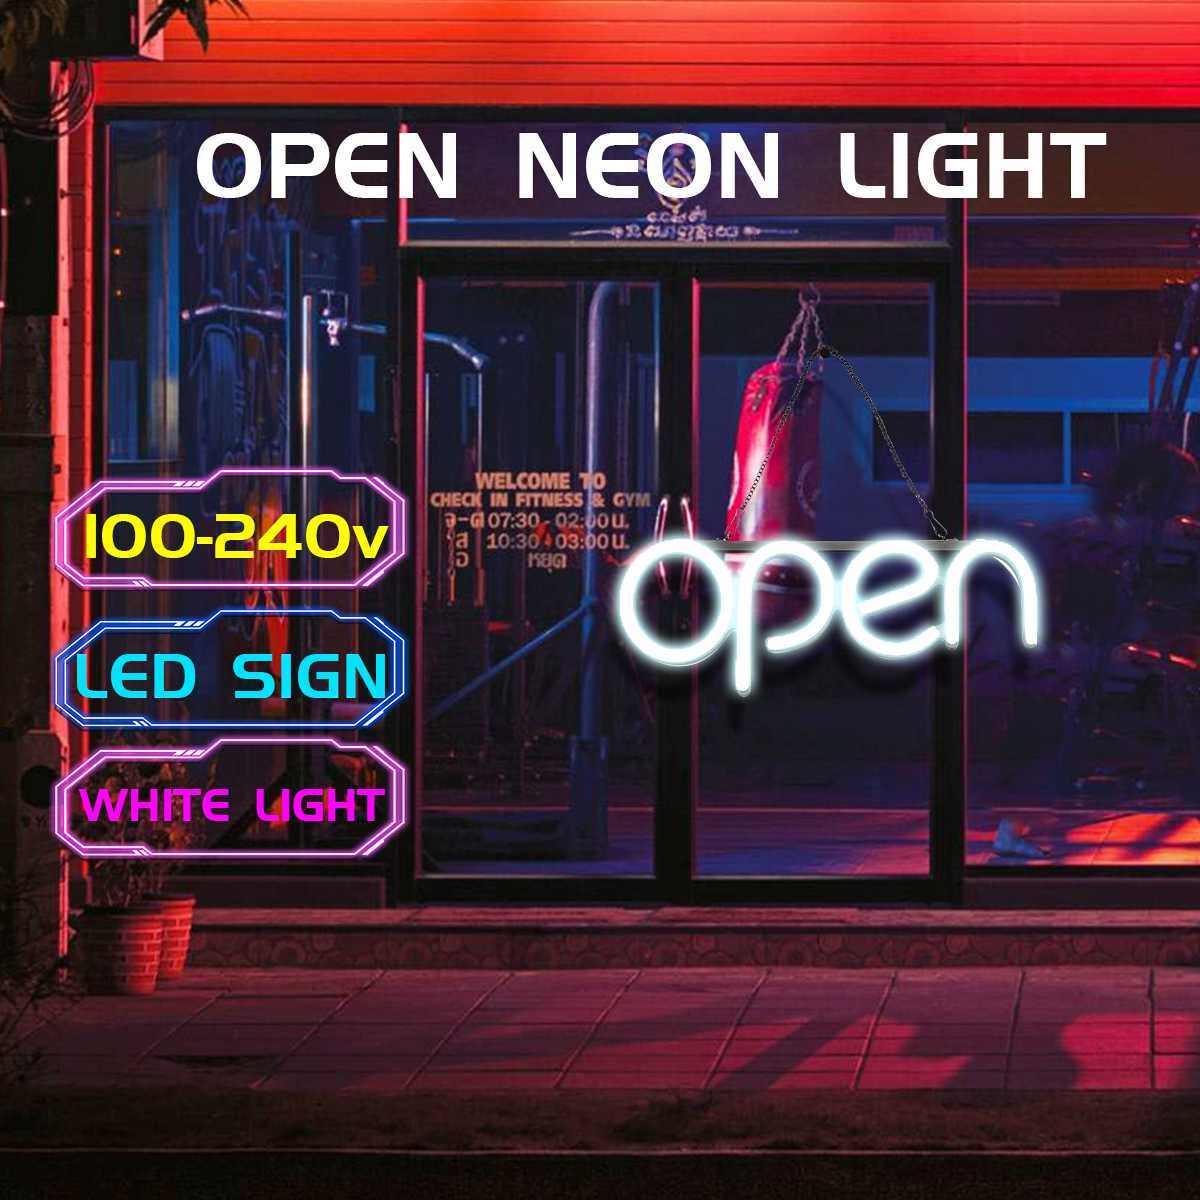 100-240V señal de neón abierta barra de luz Pub Pantalla de fiesta bombilla de neón enchufe de EE. UU. Publicidad Iluminación comercial hogar habitación decoración de la pared